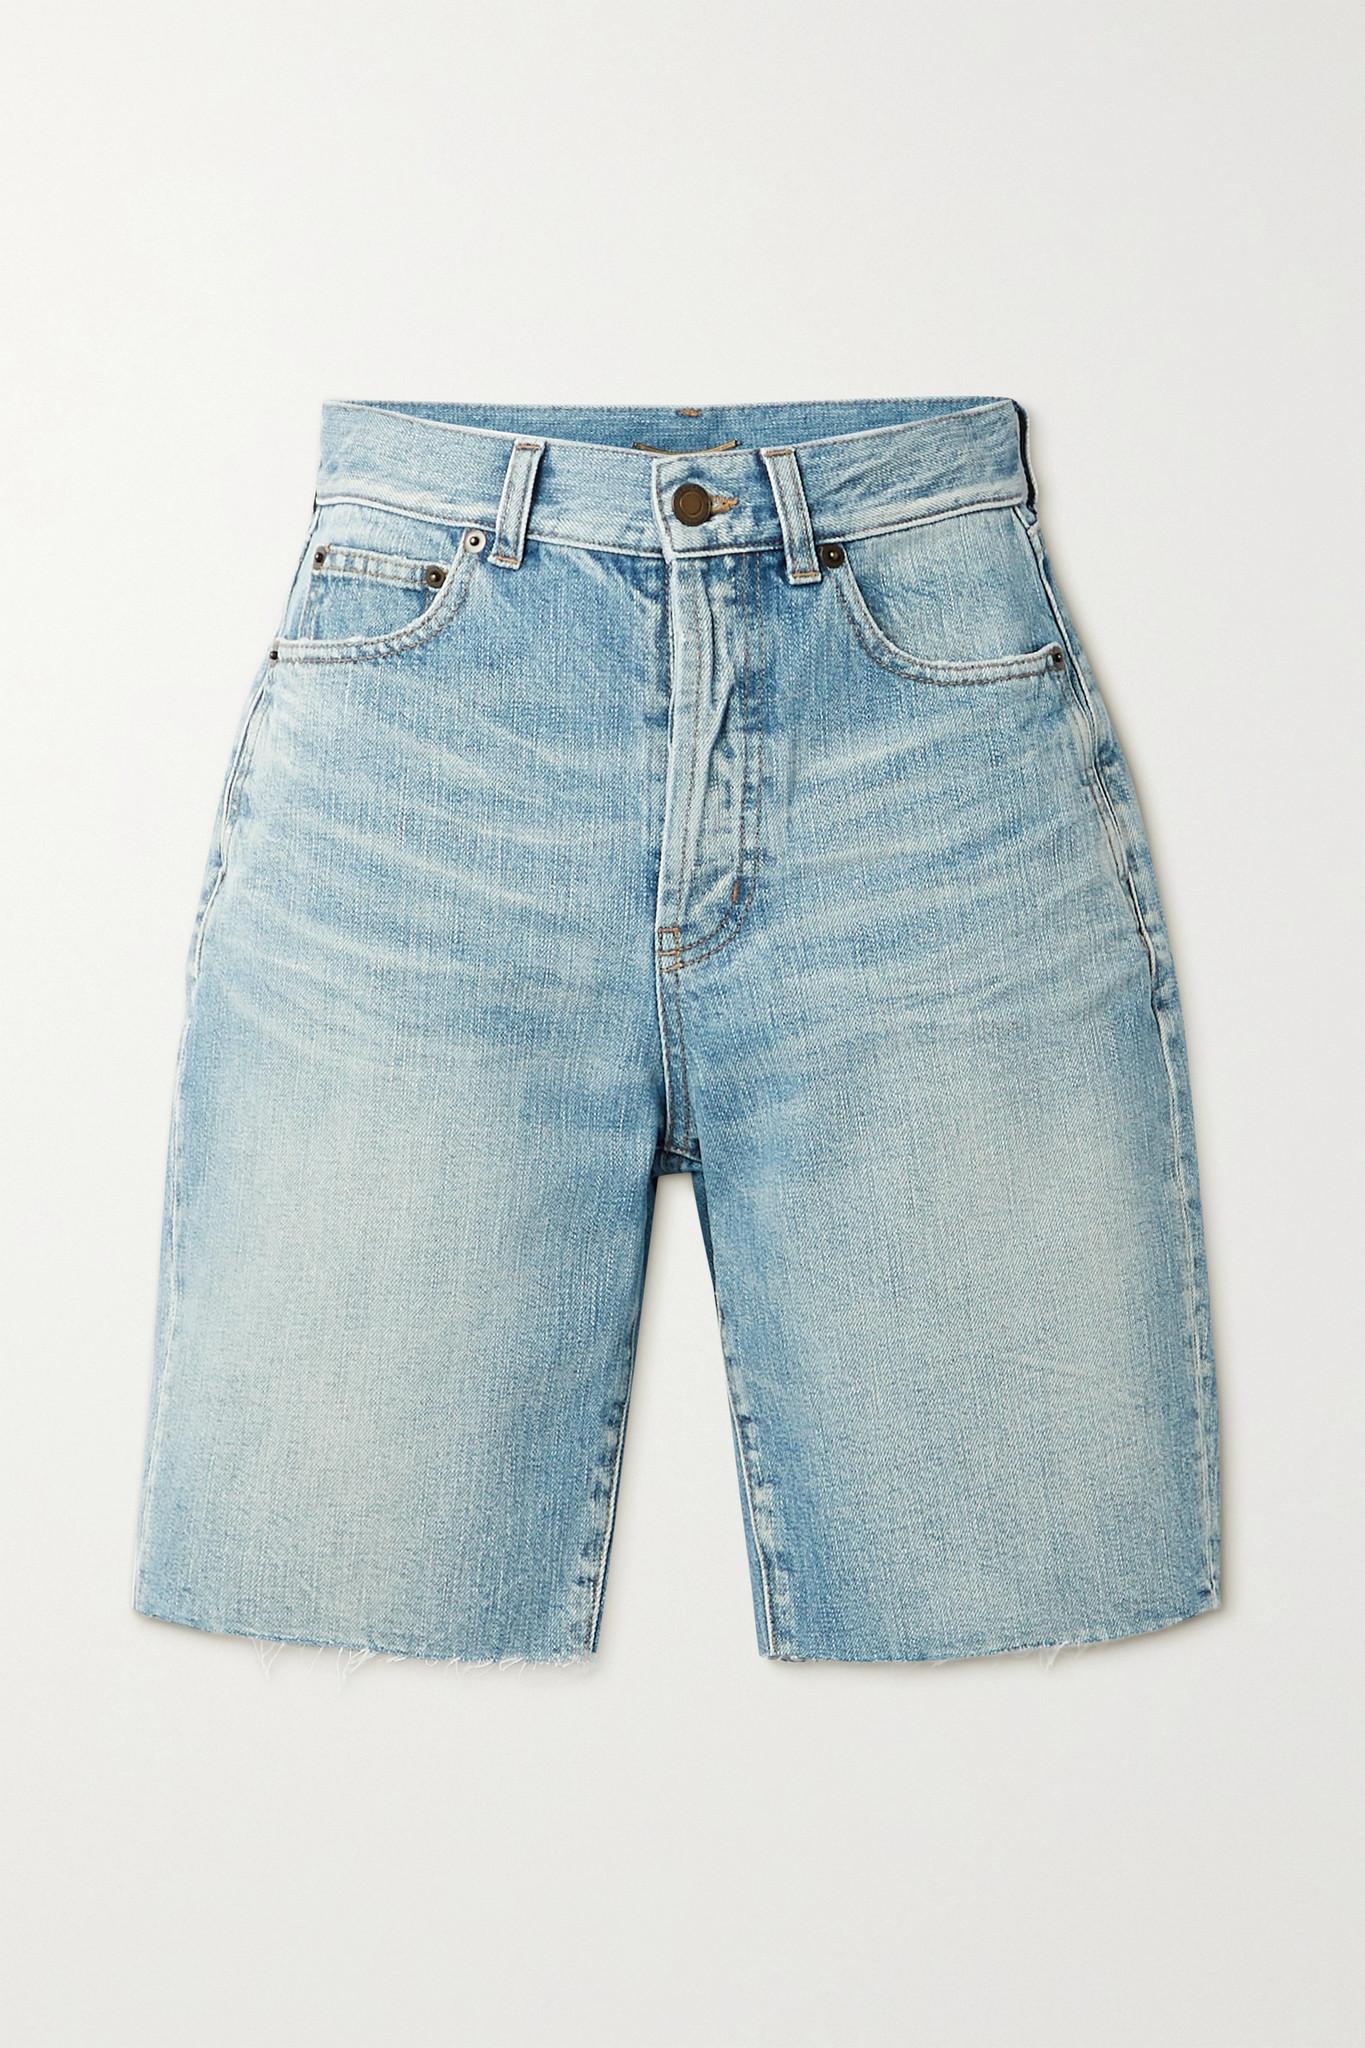 SAINT LAURENT - Frayed Denim Shorts - Blue - 25